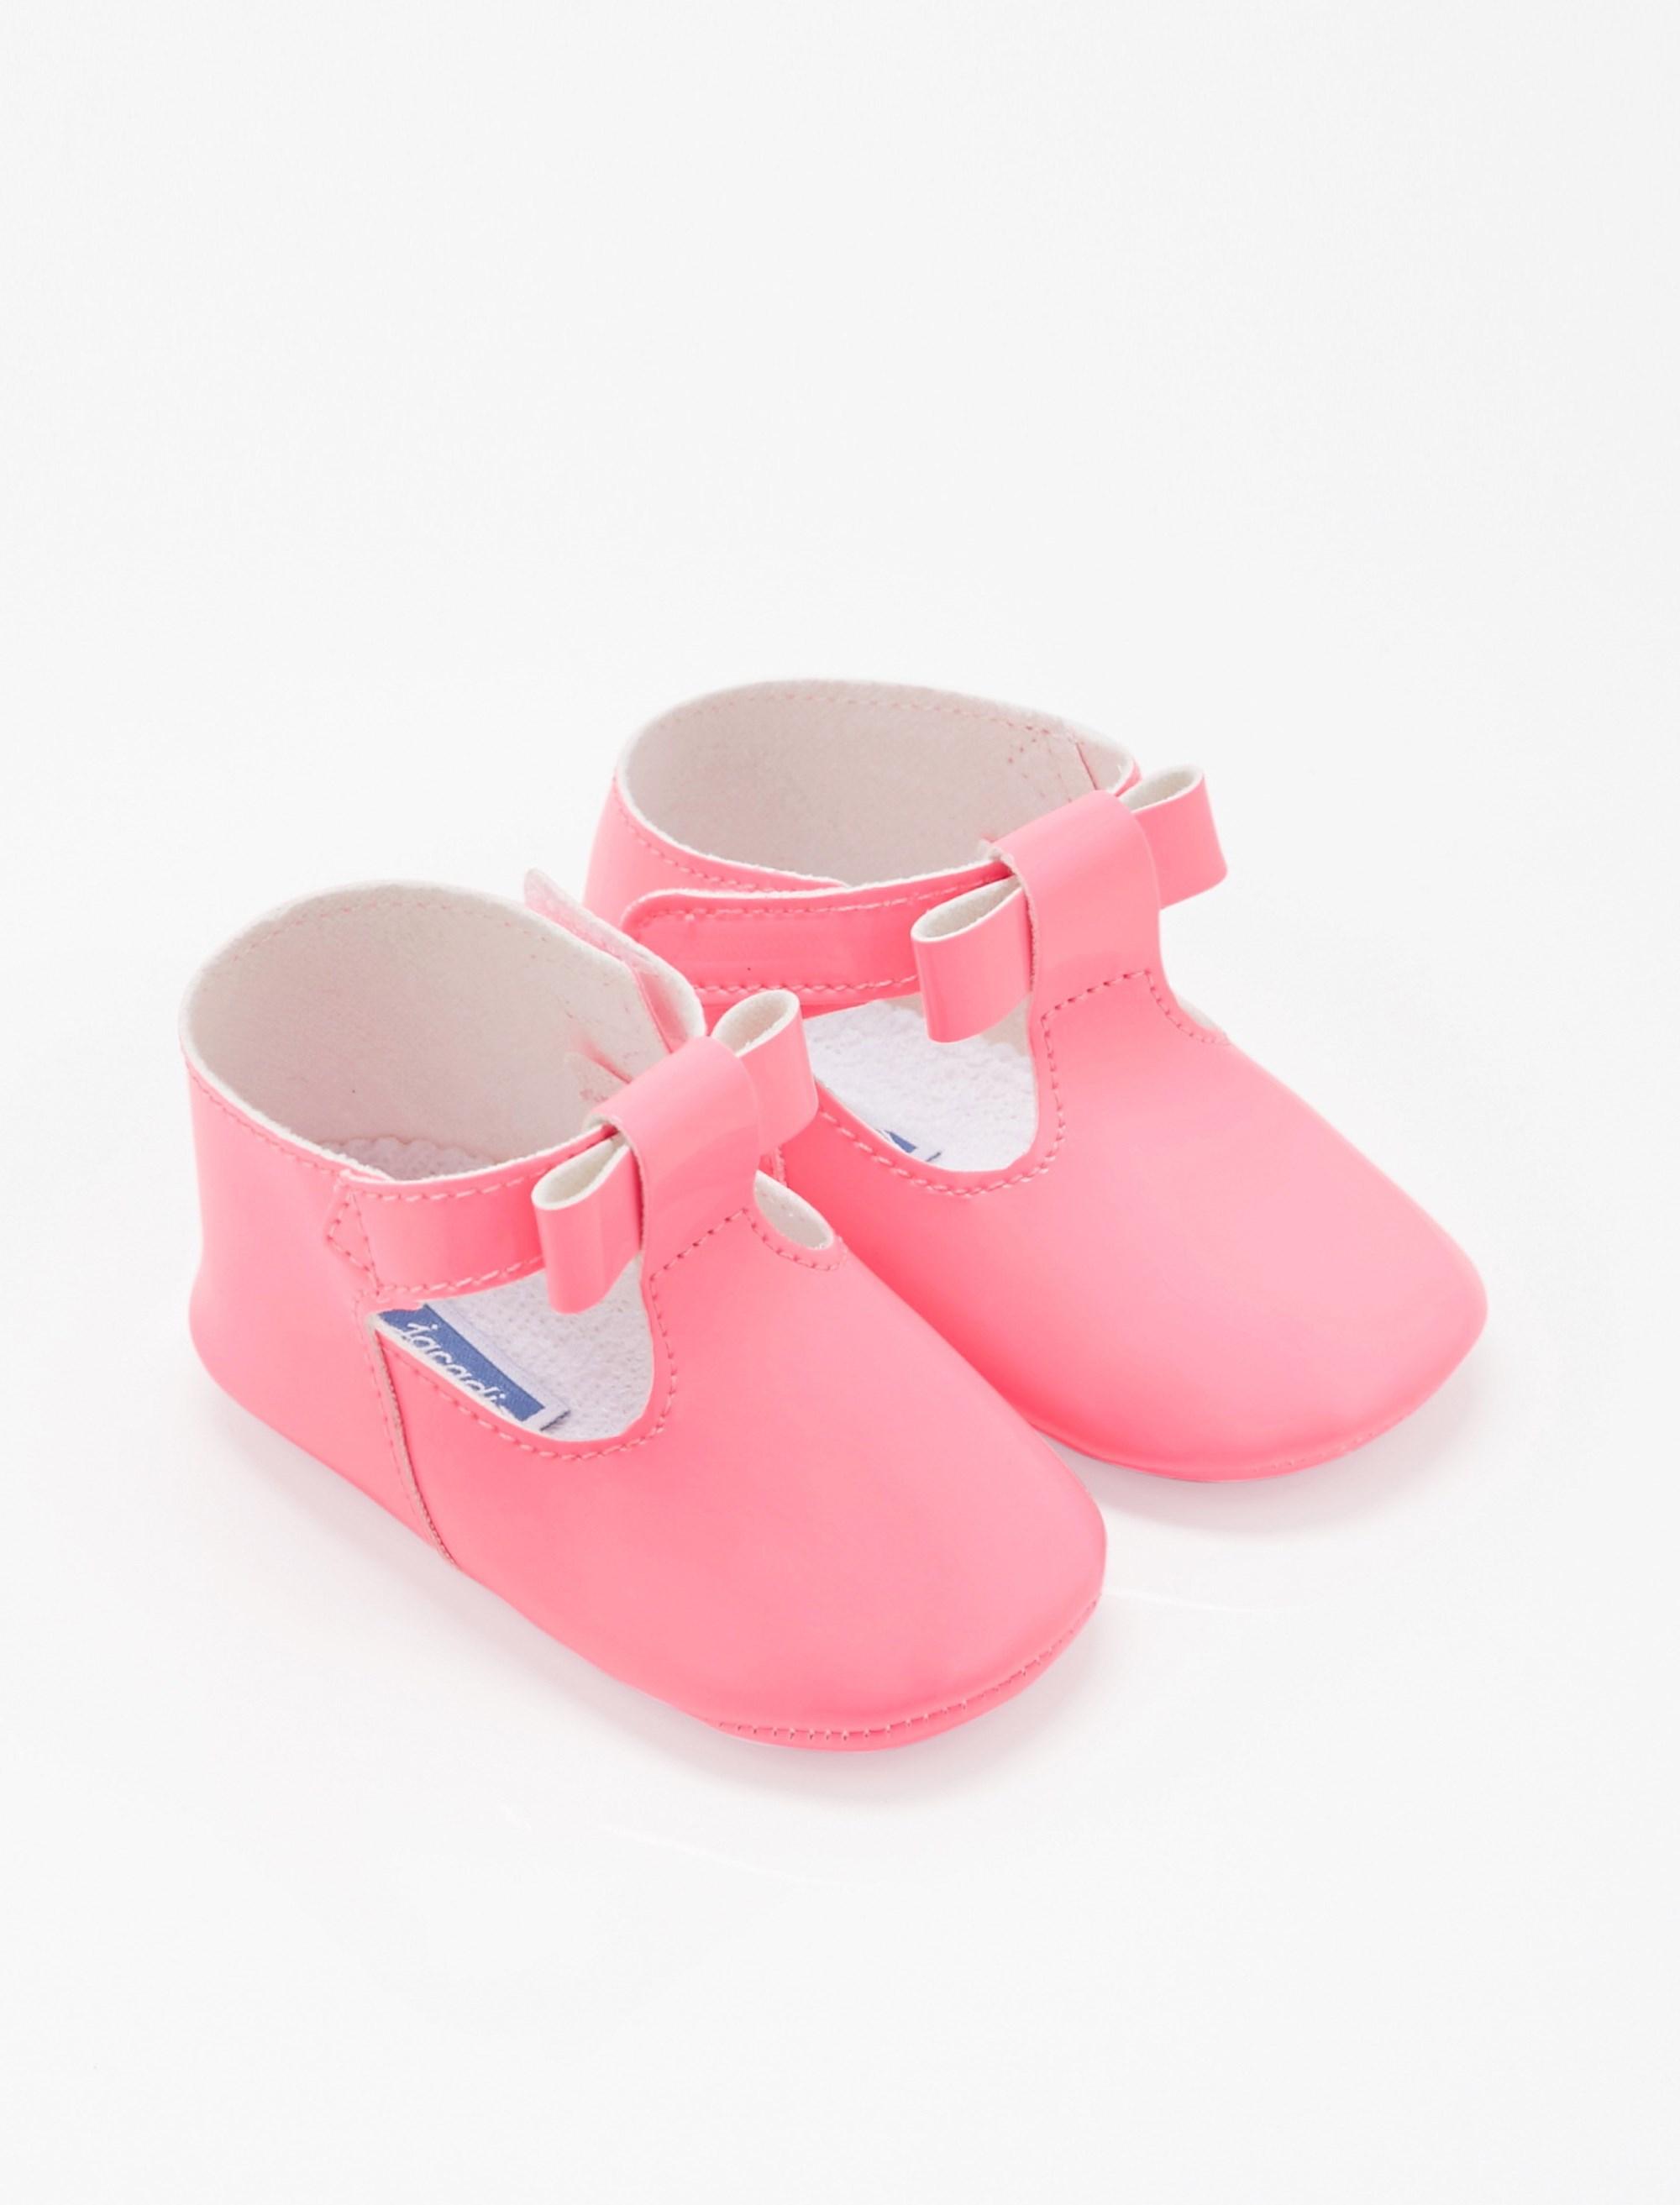 کفش چسبی نوزادی دخترانه Maebis - جاکادی